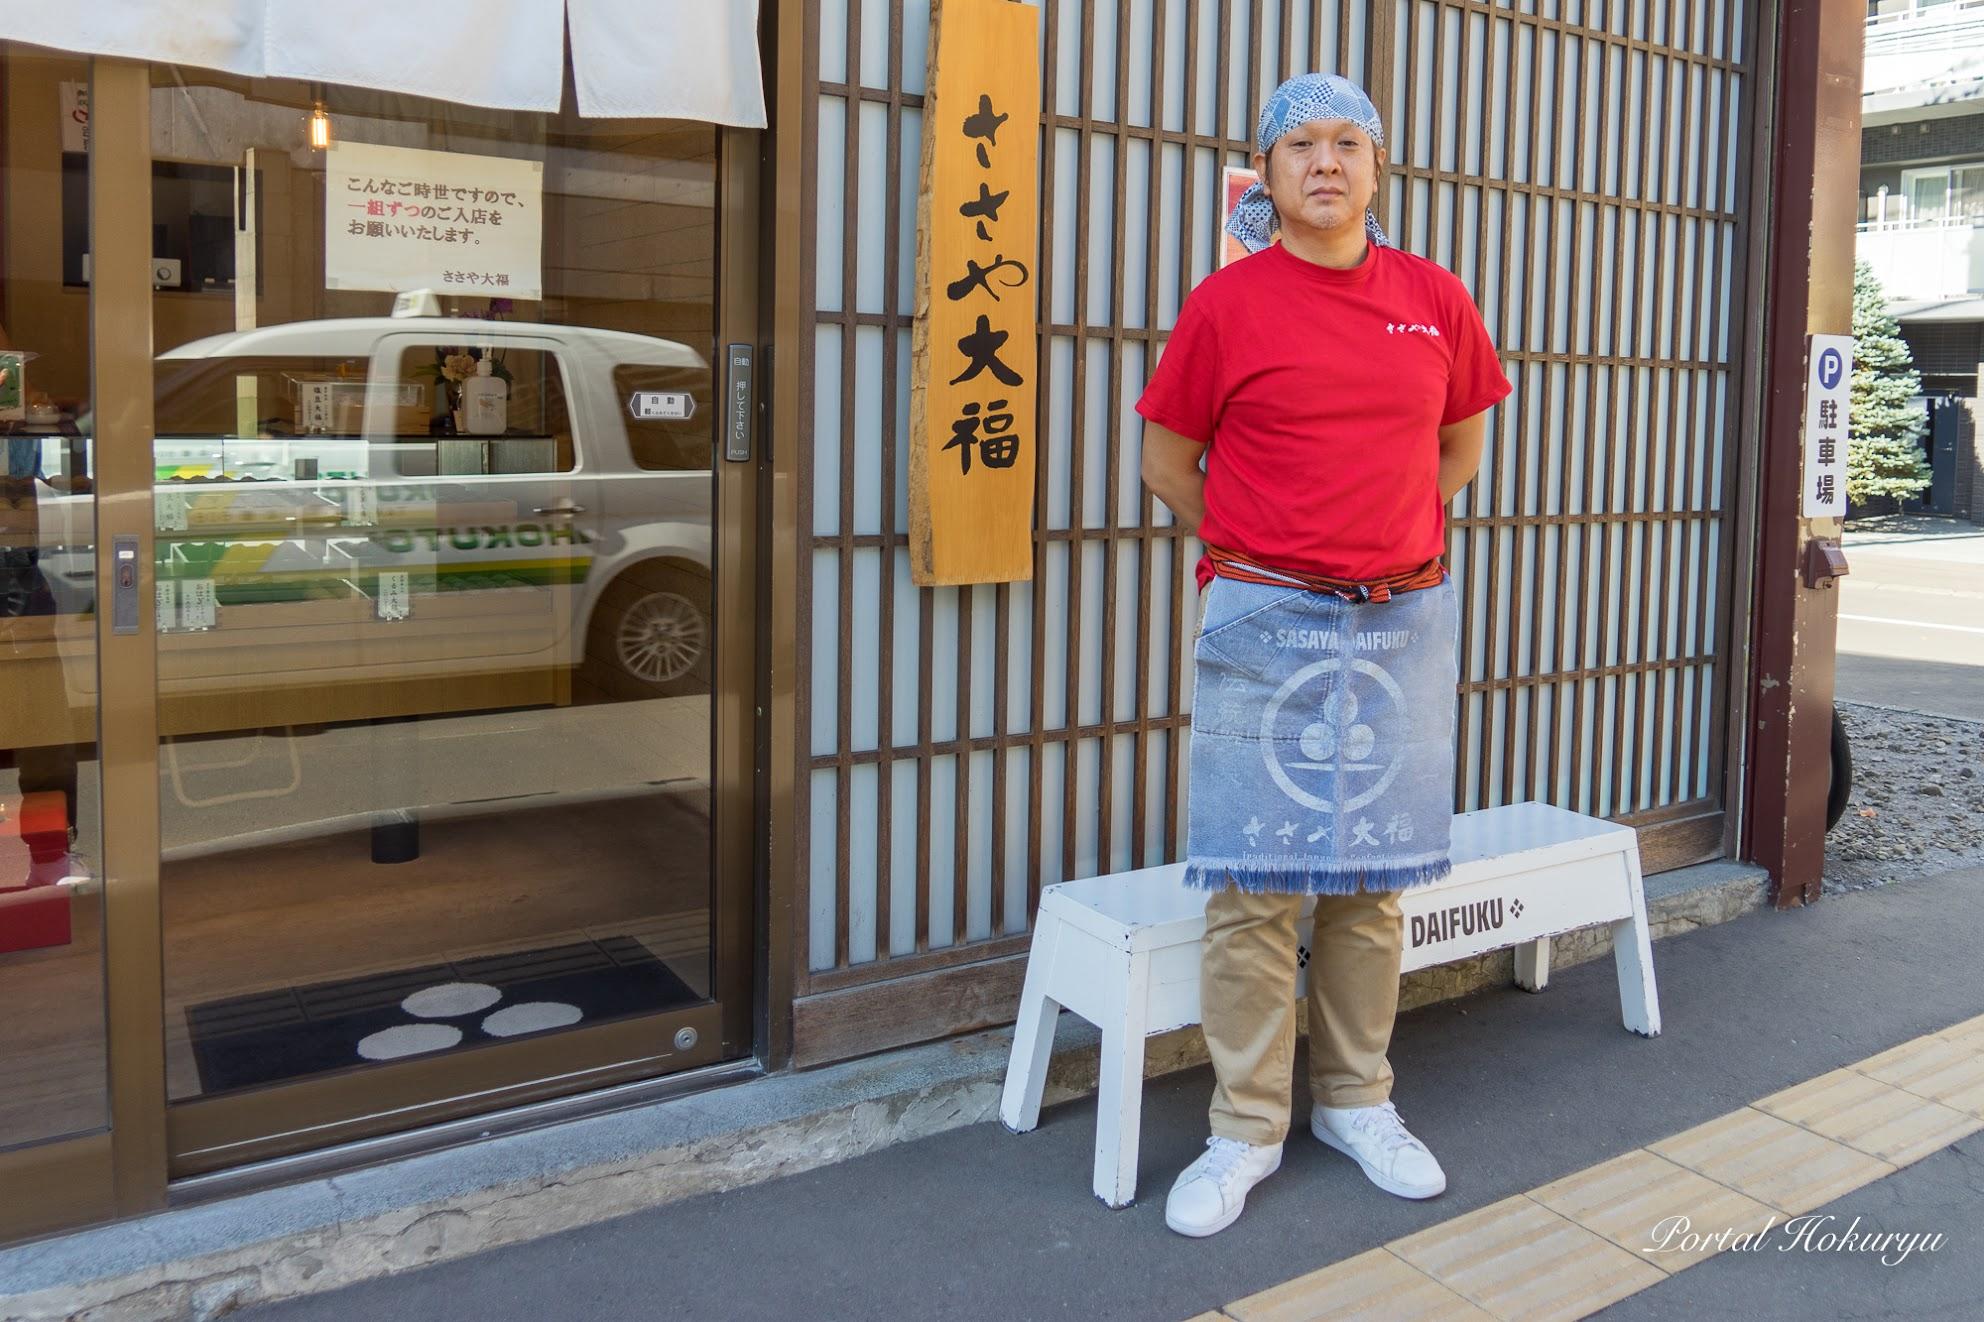 代表の中村敦俊さん(55歳)